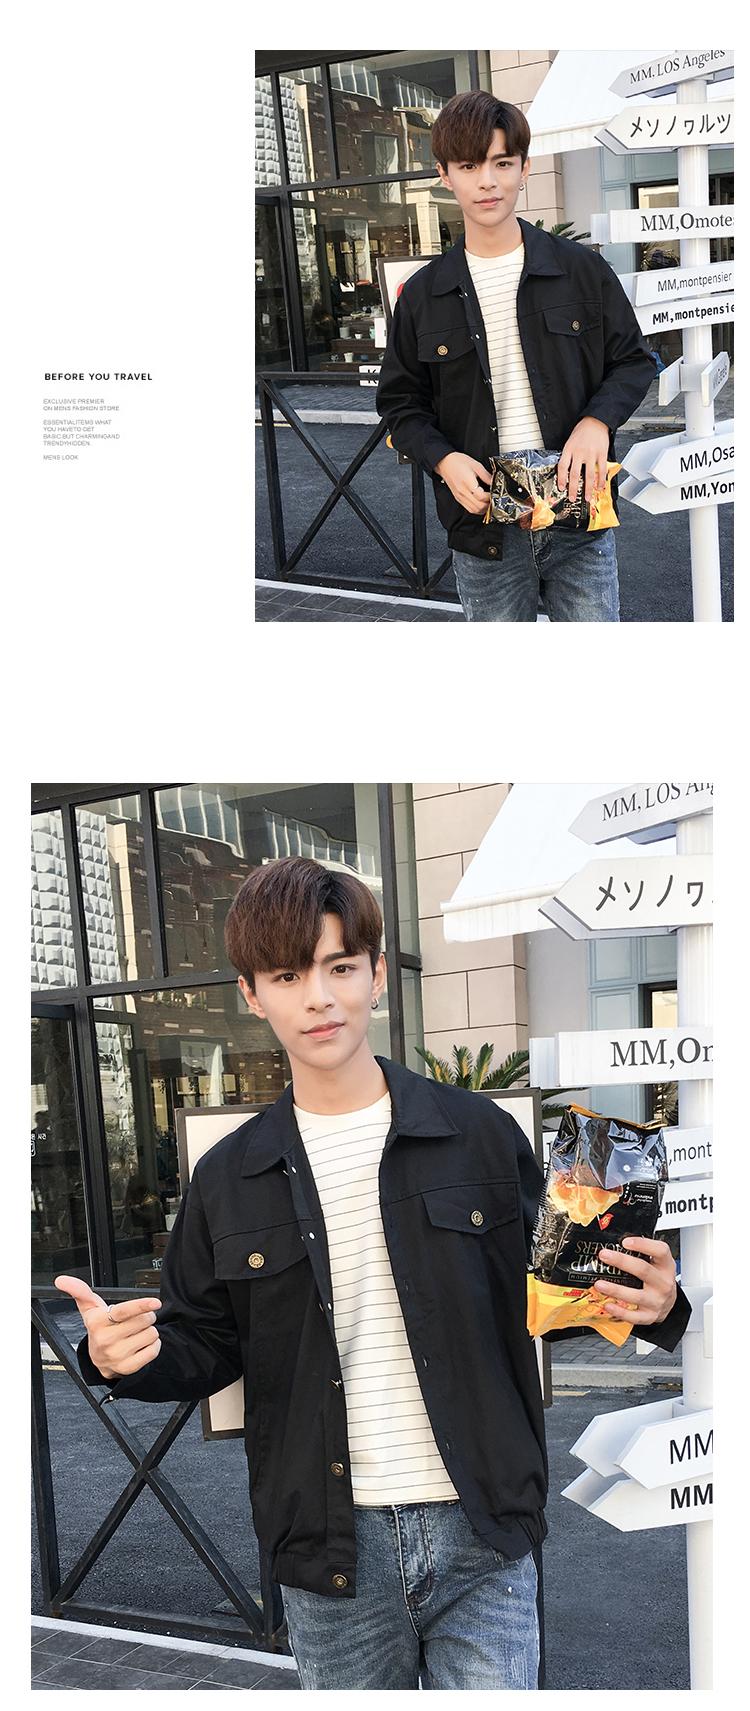 Mùa xuân và mùa thu nam áo khoác áo khoác đồng phục bóng chày thanh niên Hàn Quốc phiên bản của xu hướng giải trí scorpion Slim áo mỏng Nhật Bản